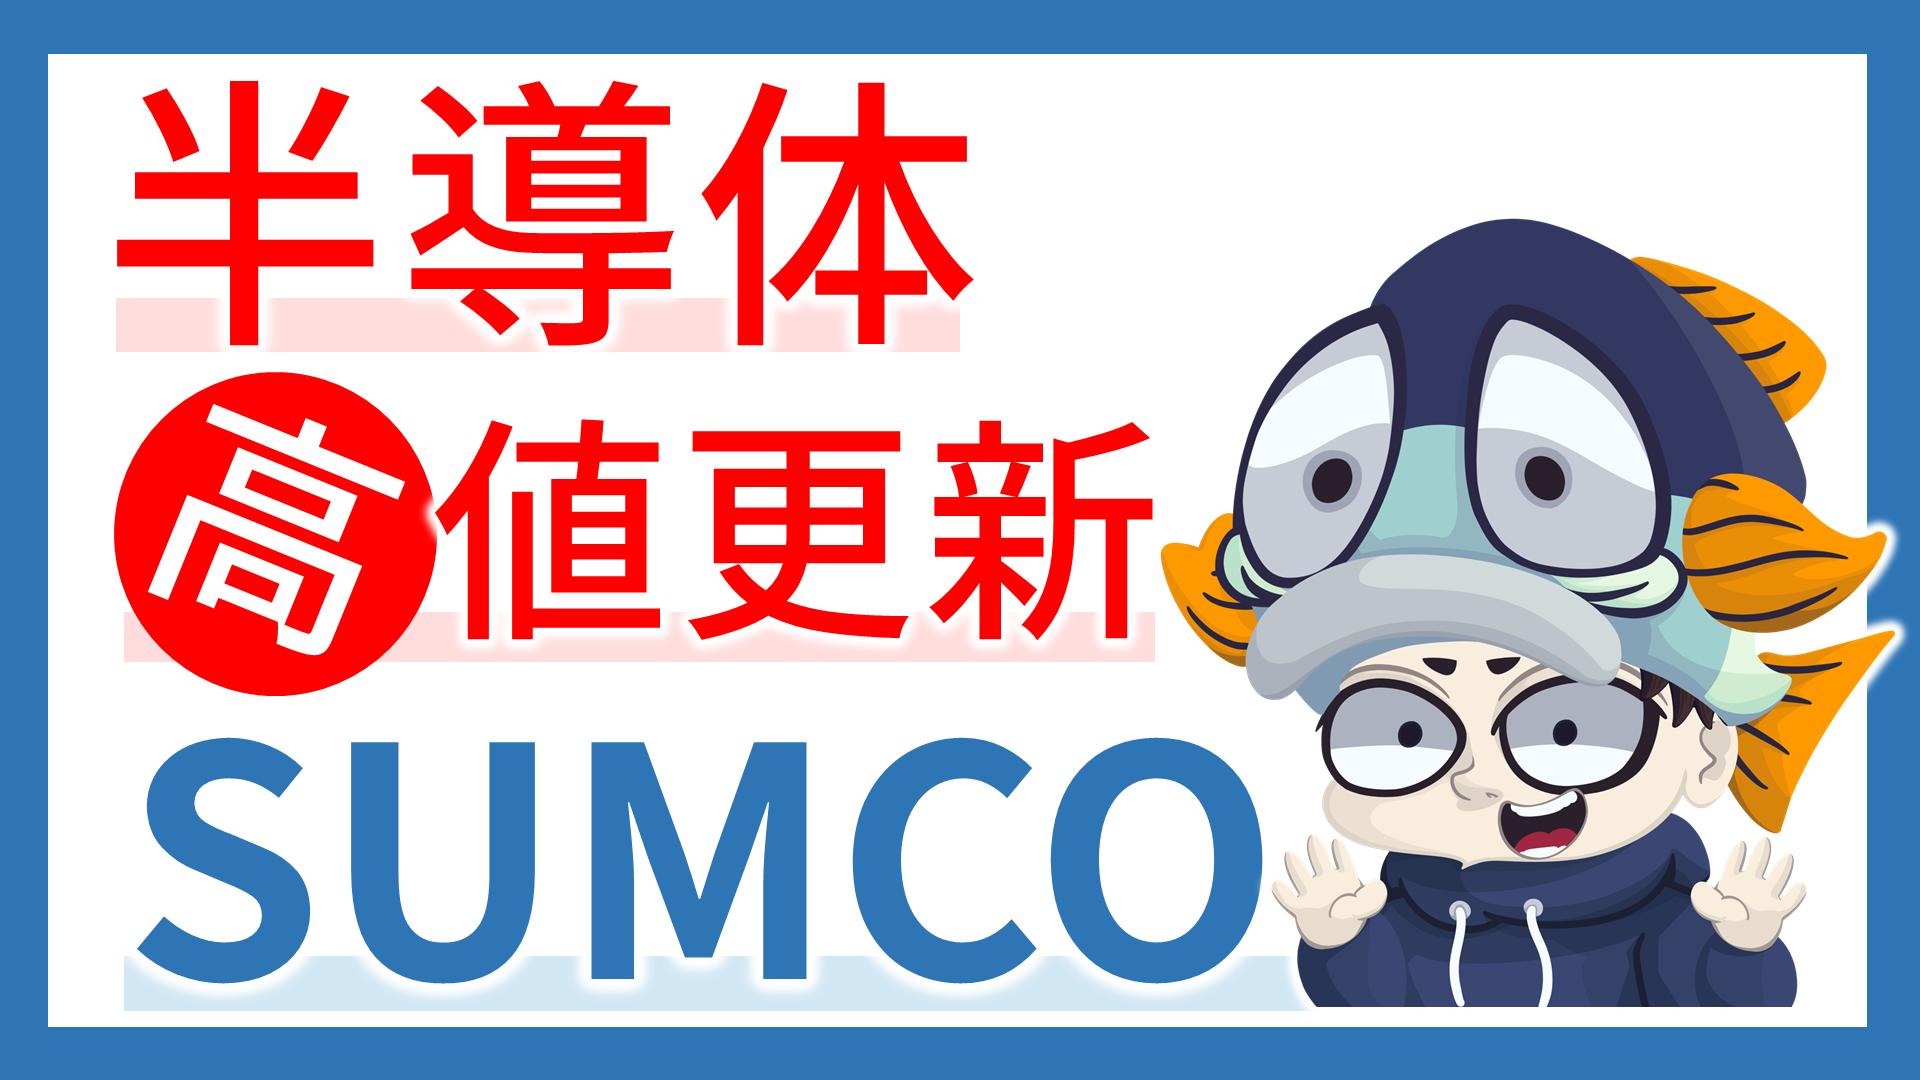 SUMCOが高値突破してた件。3つのポイントと通期決算分析